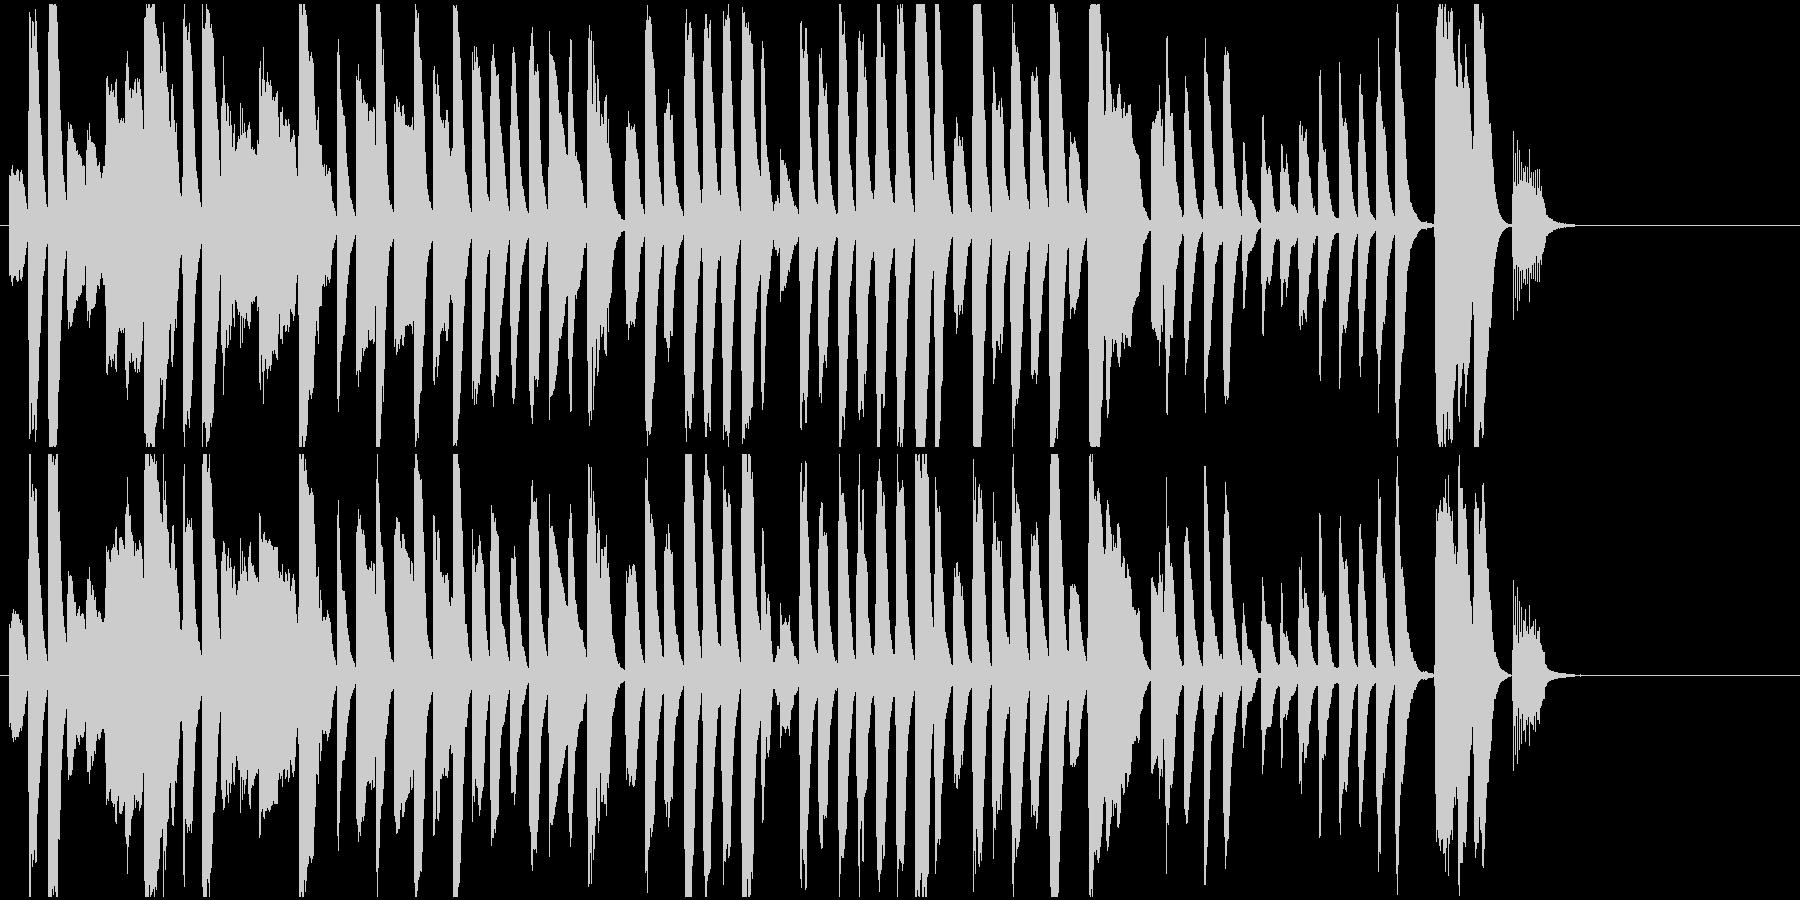 ジングル レトロでかわいい印象ピアノソロの未再生の波形